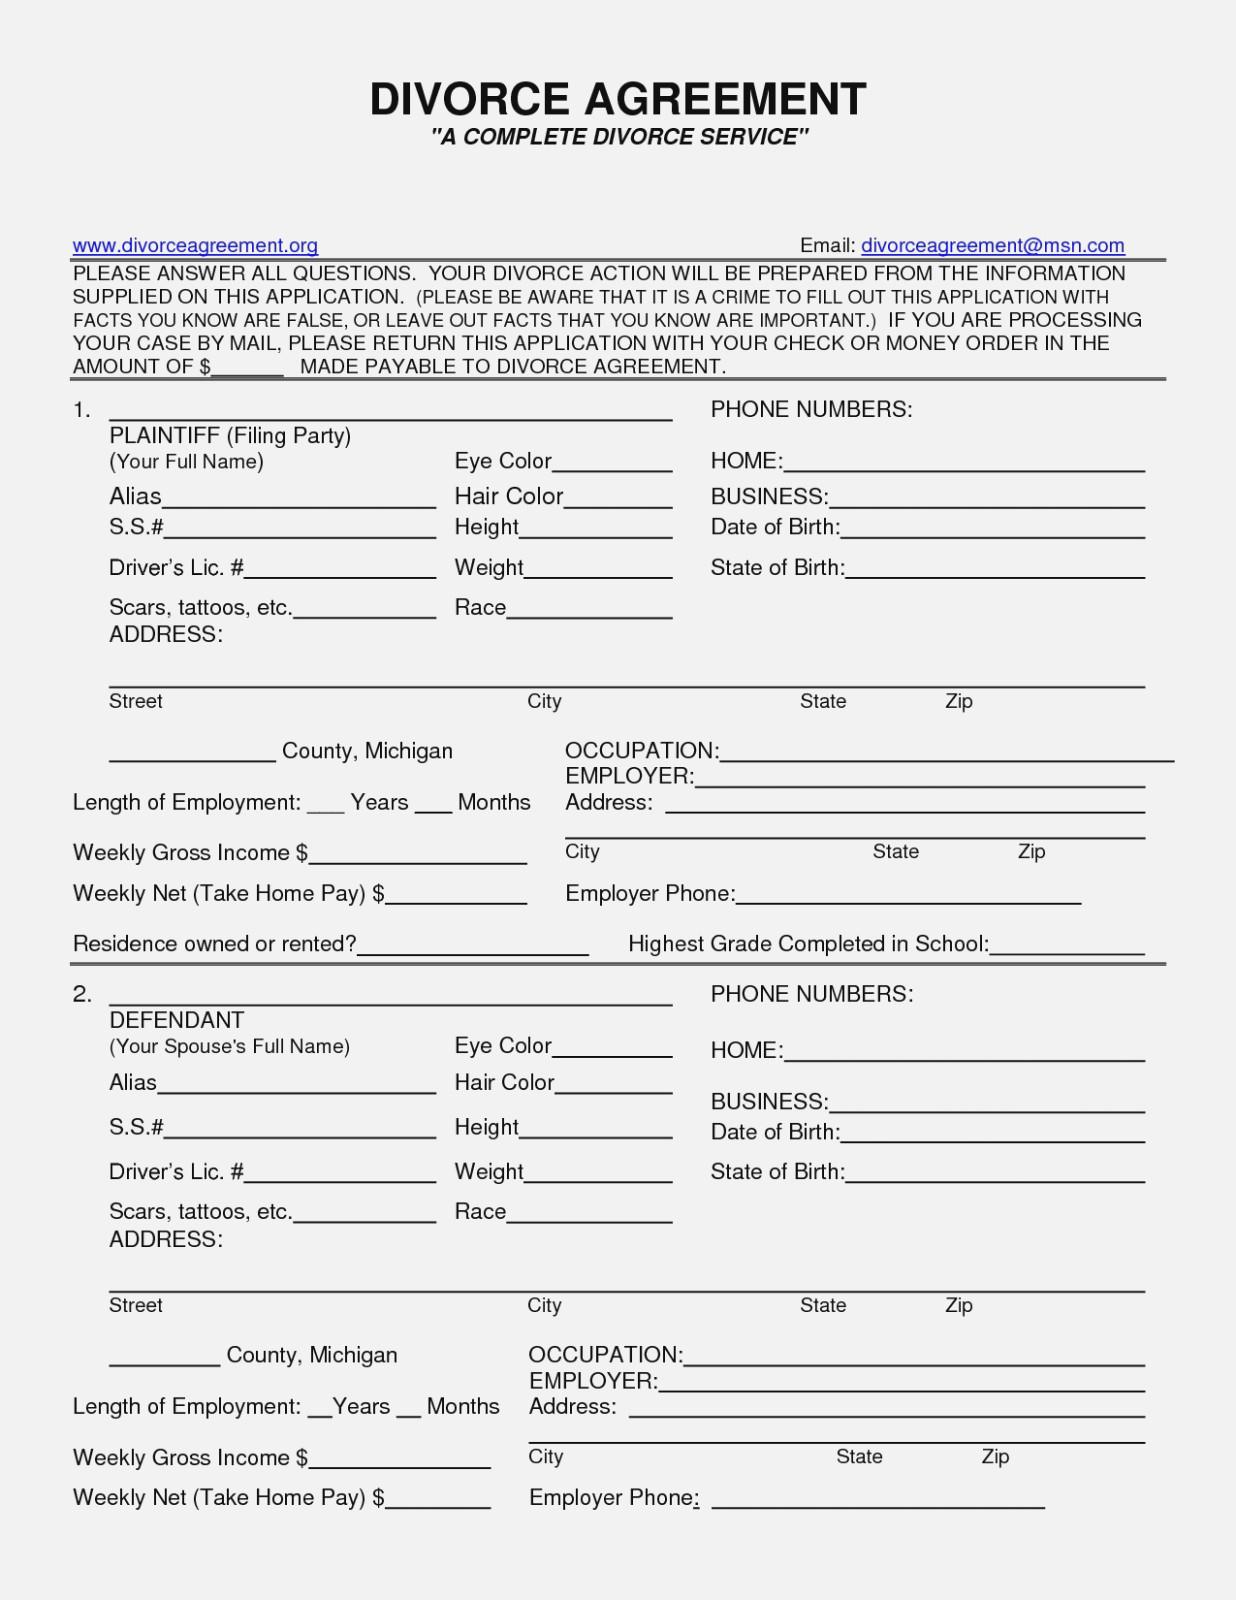 Form Free Printable Divorce Papers Sales Report Template Intended - Free Printable Divorce Papers